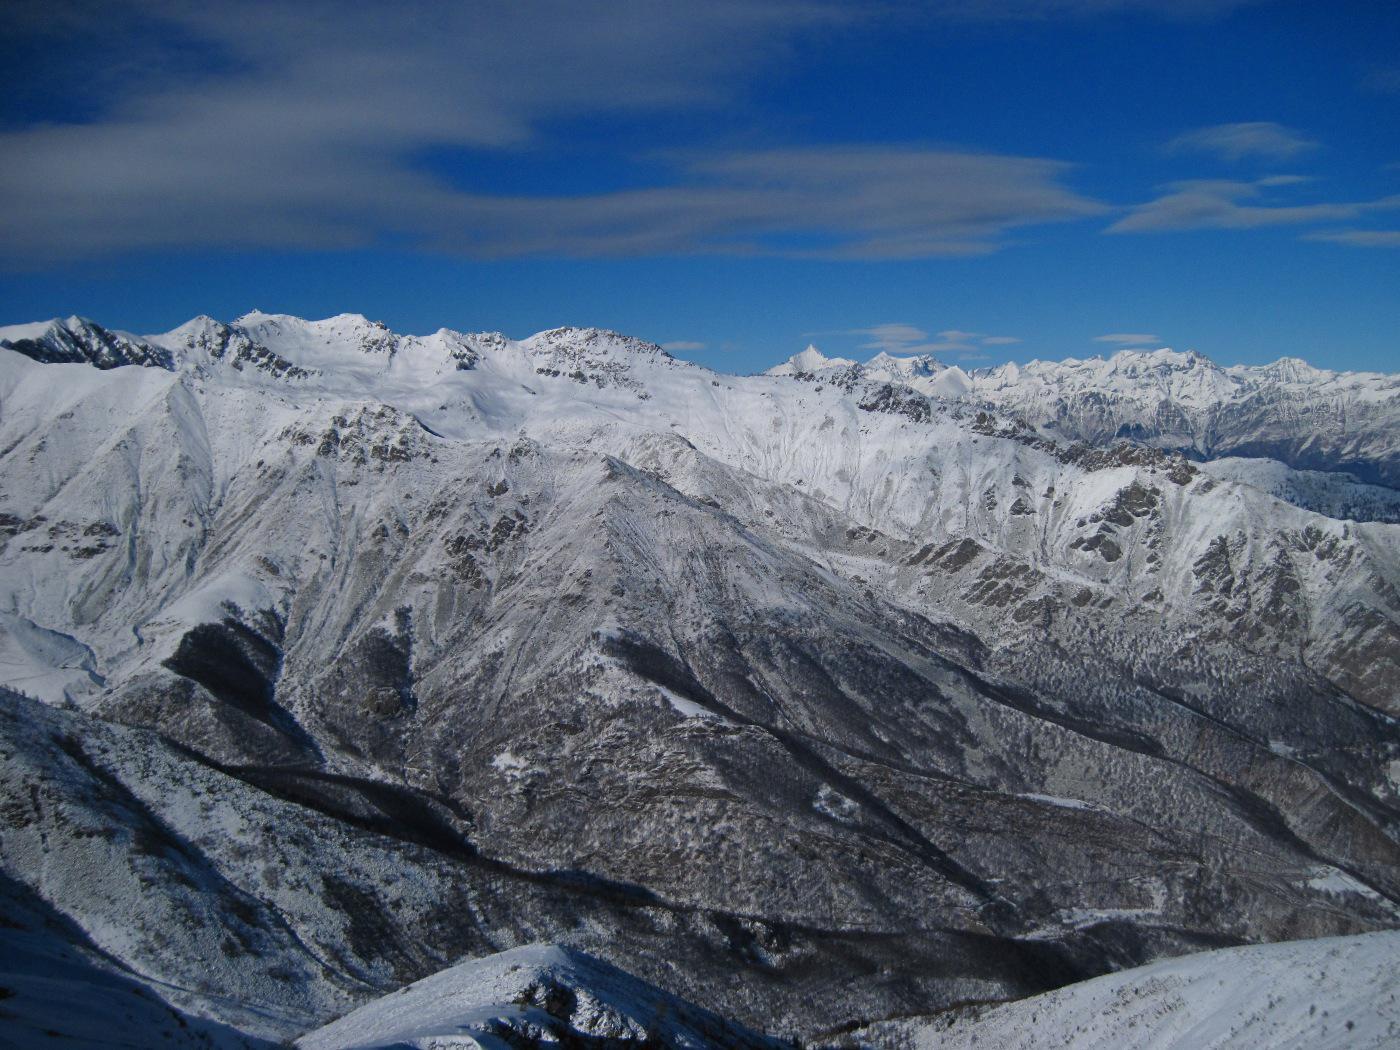 Le montagne della val di Susa, poco innevate